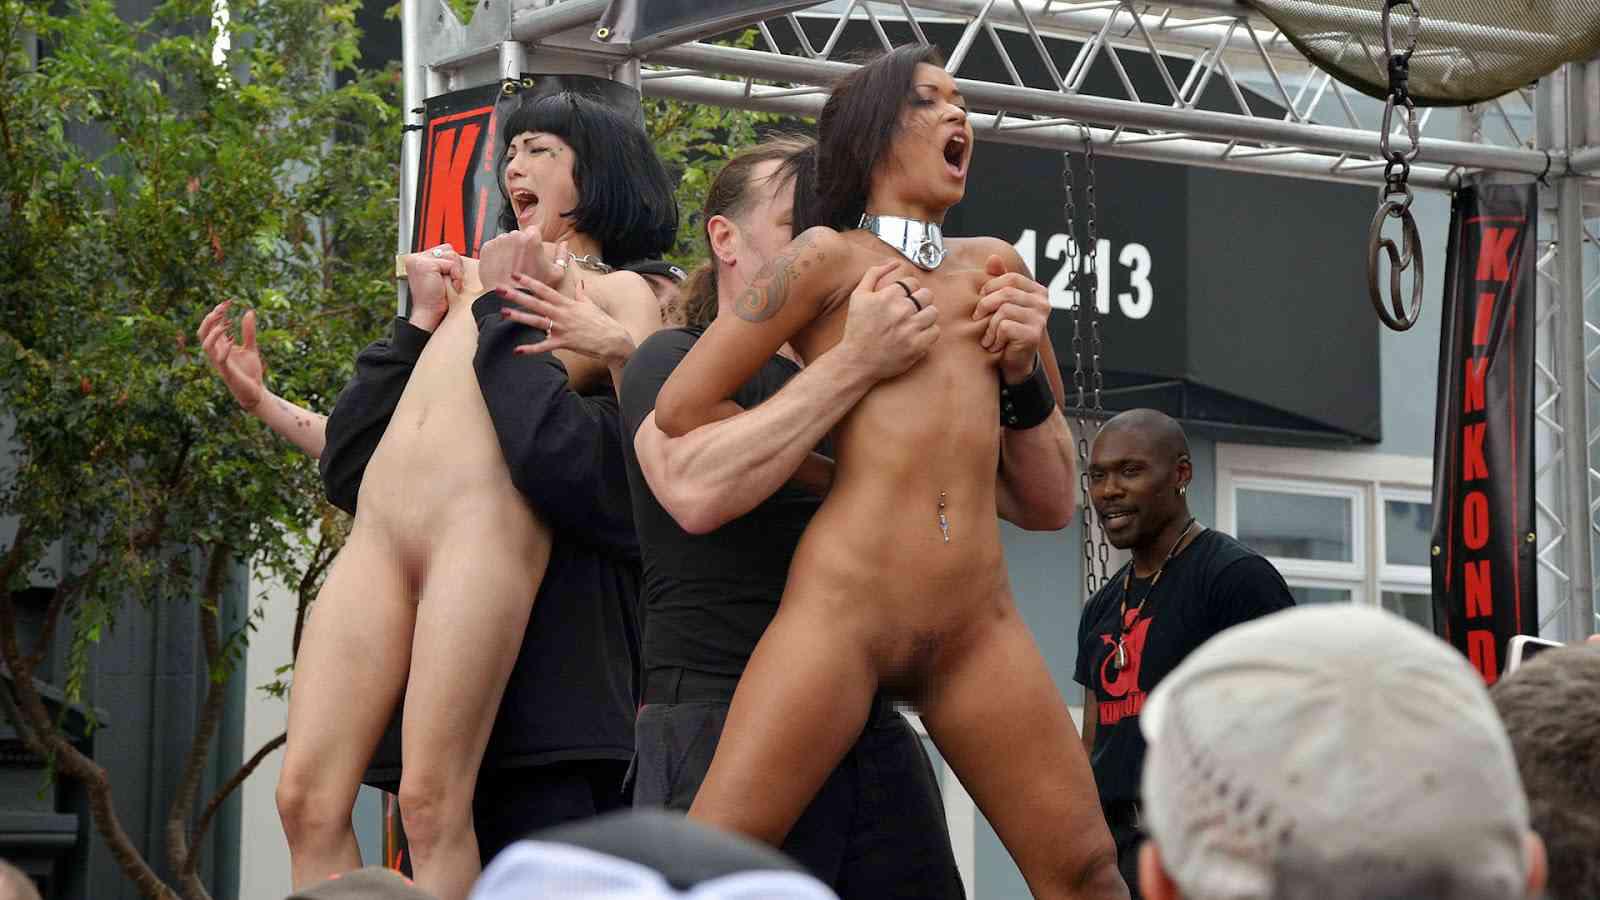 【批判殺到】街中で行われたSMイベントがエロ過ぎる・・・(画像40枚)・21枚目